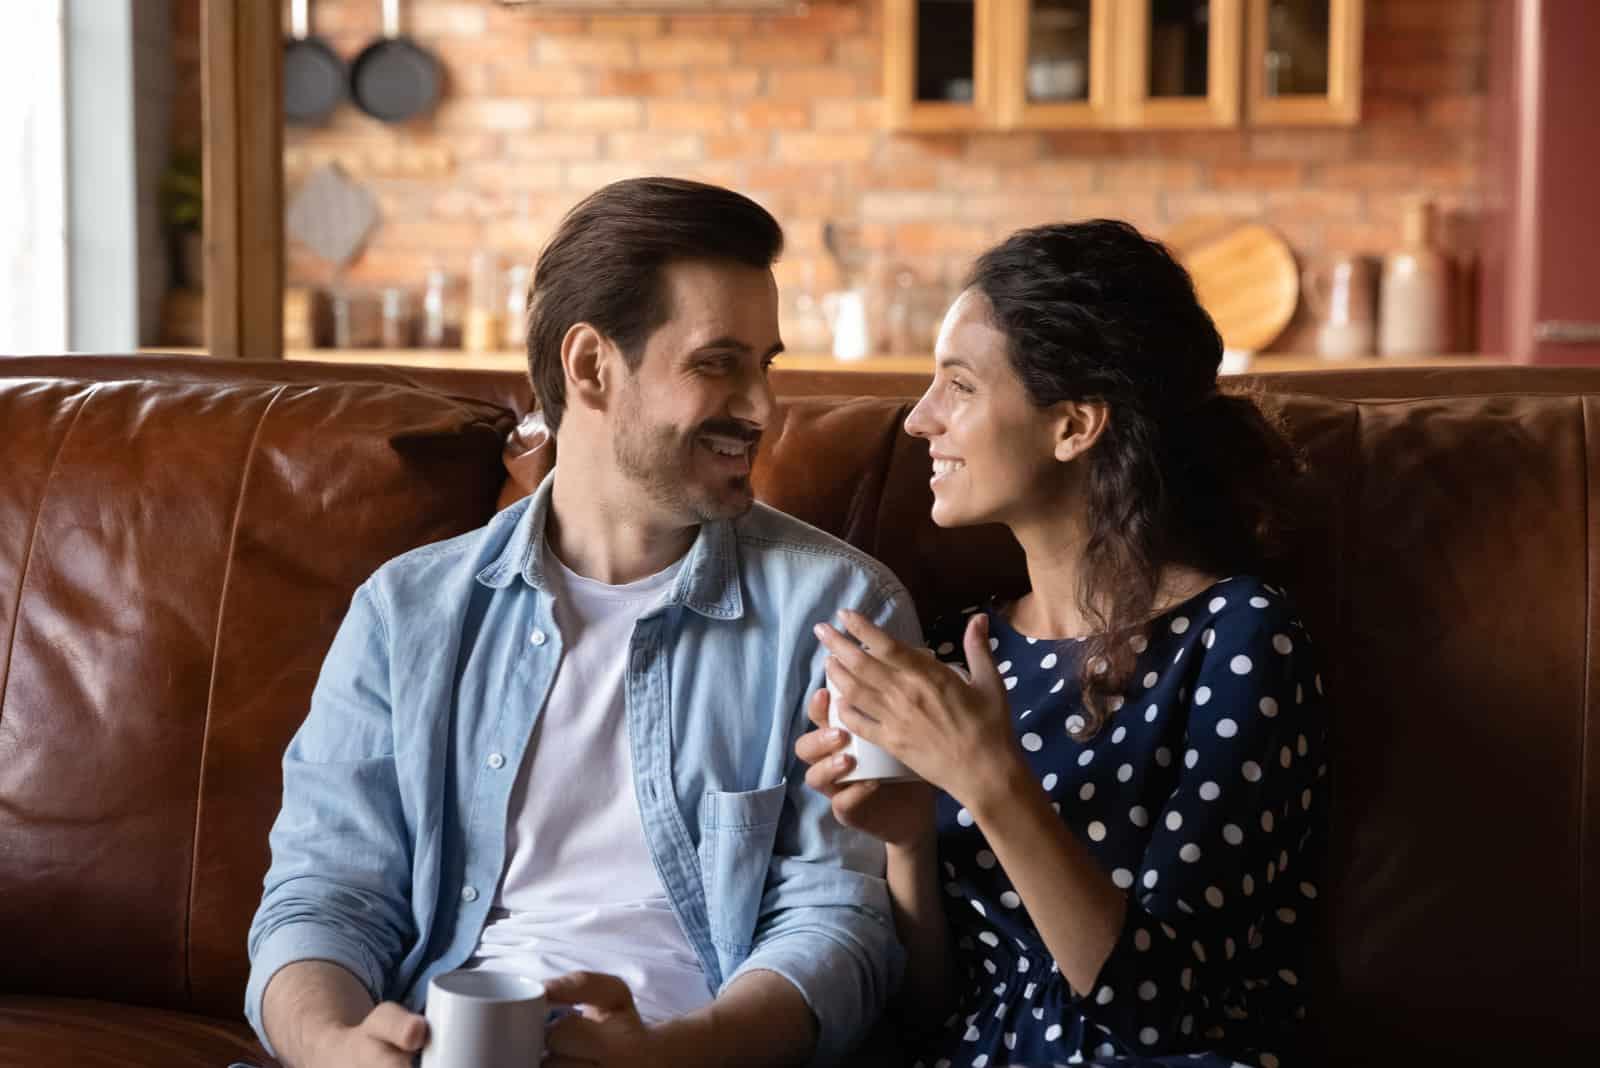 un homme et une femme s'assoient sur le canapé et parlent